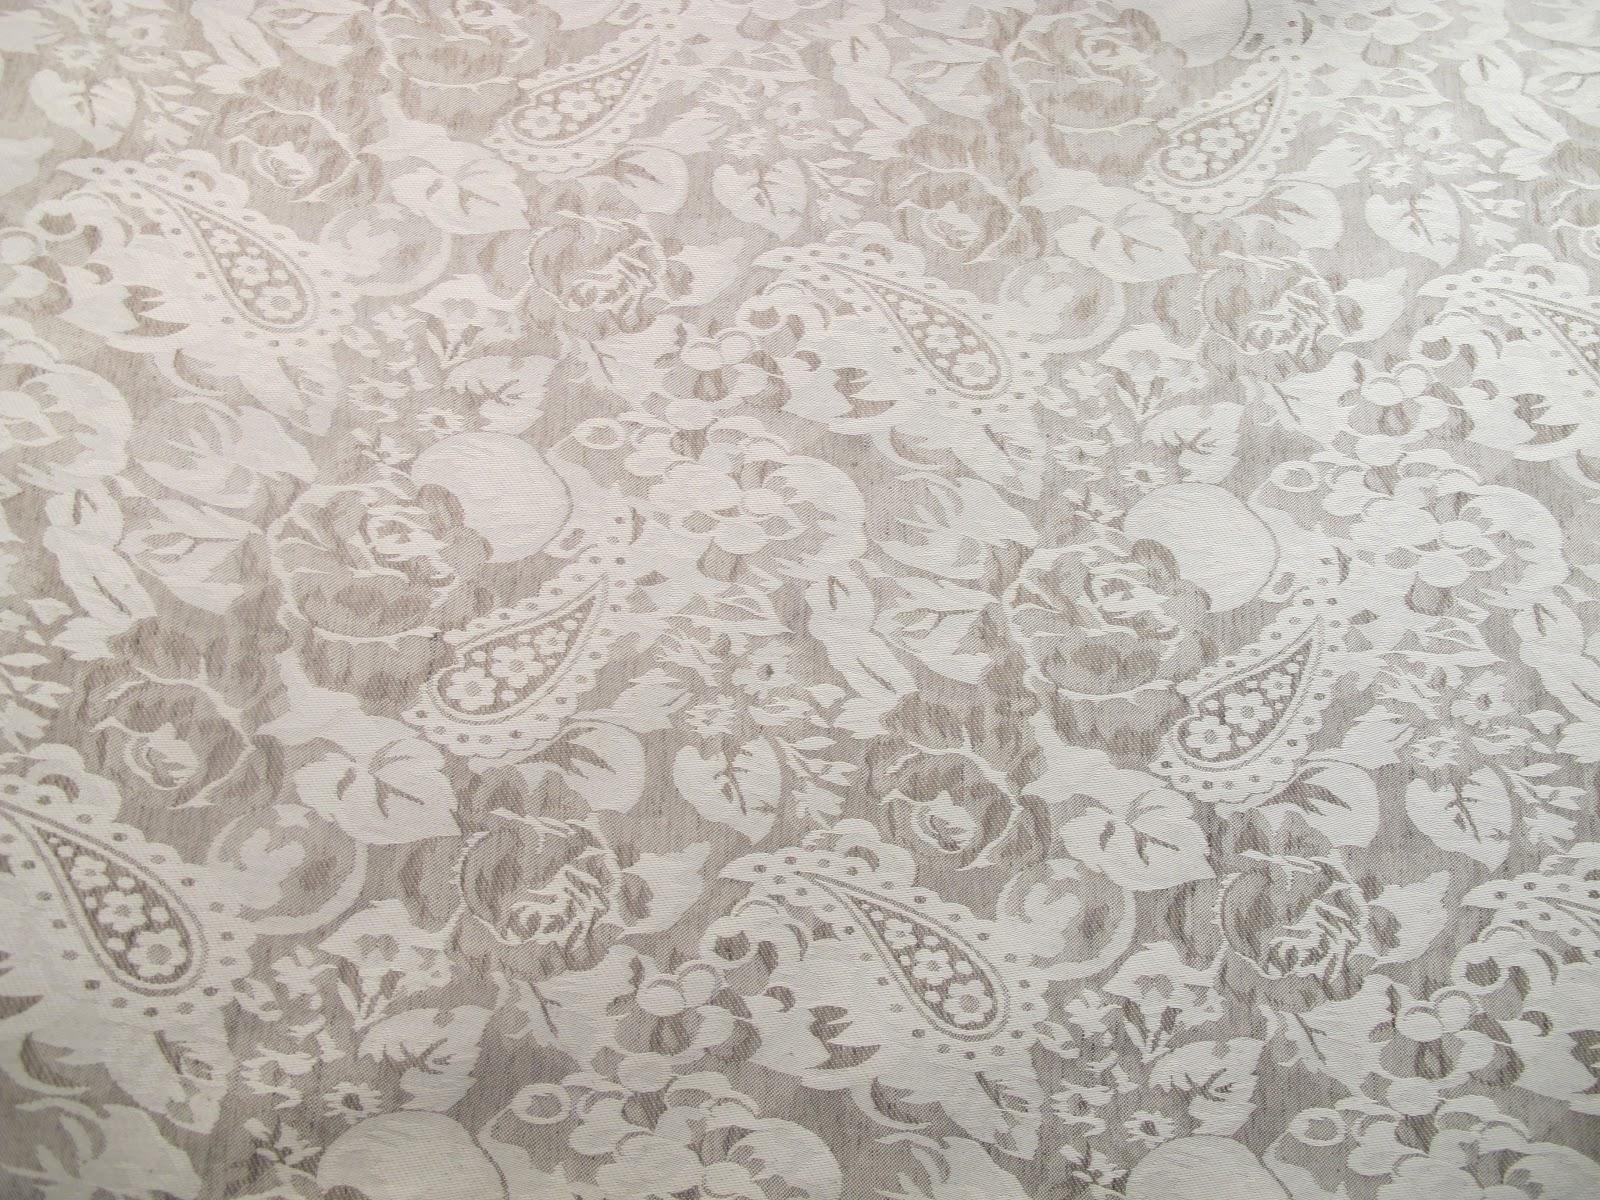 El mercado portugues nuevos tejidos de algod n y lino - Manteles de lino ...